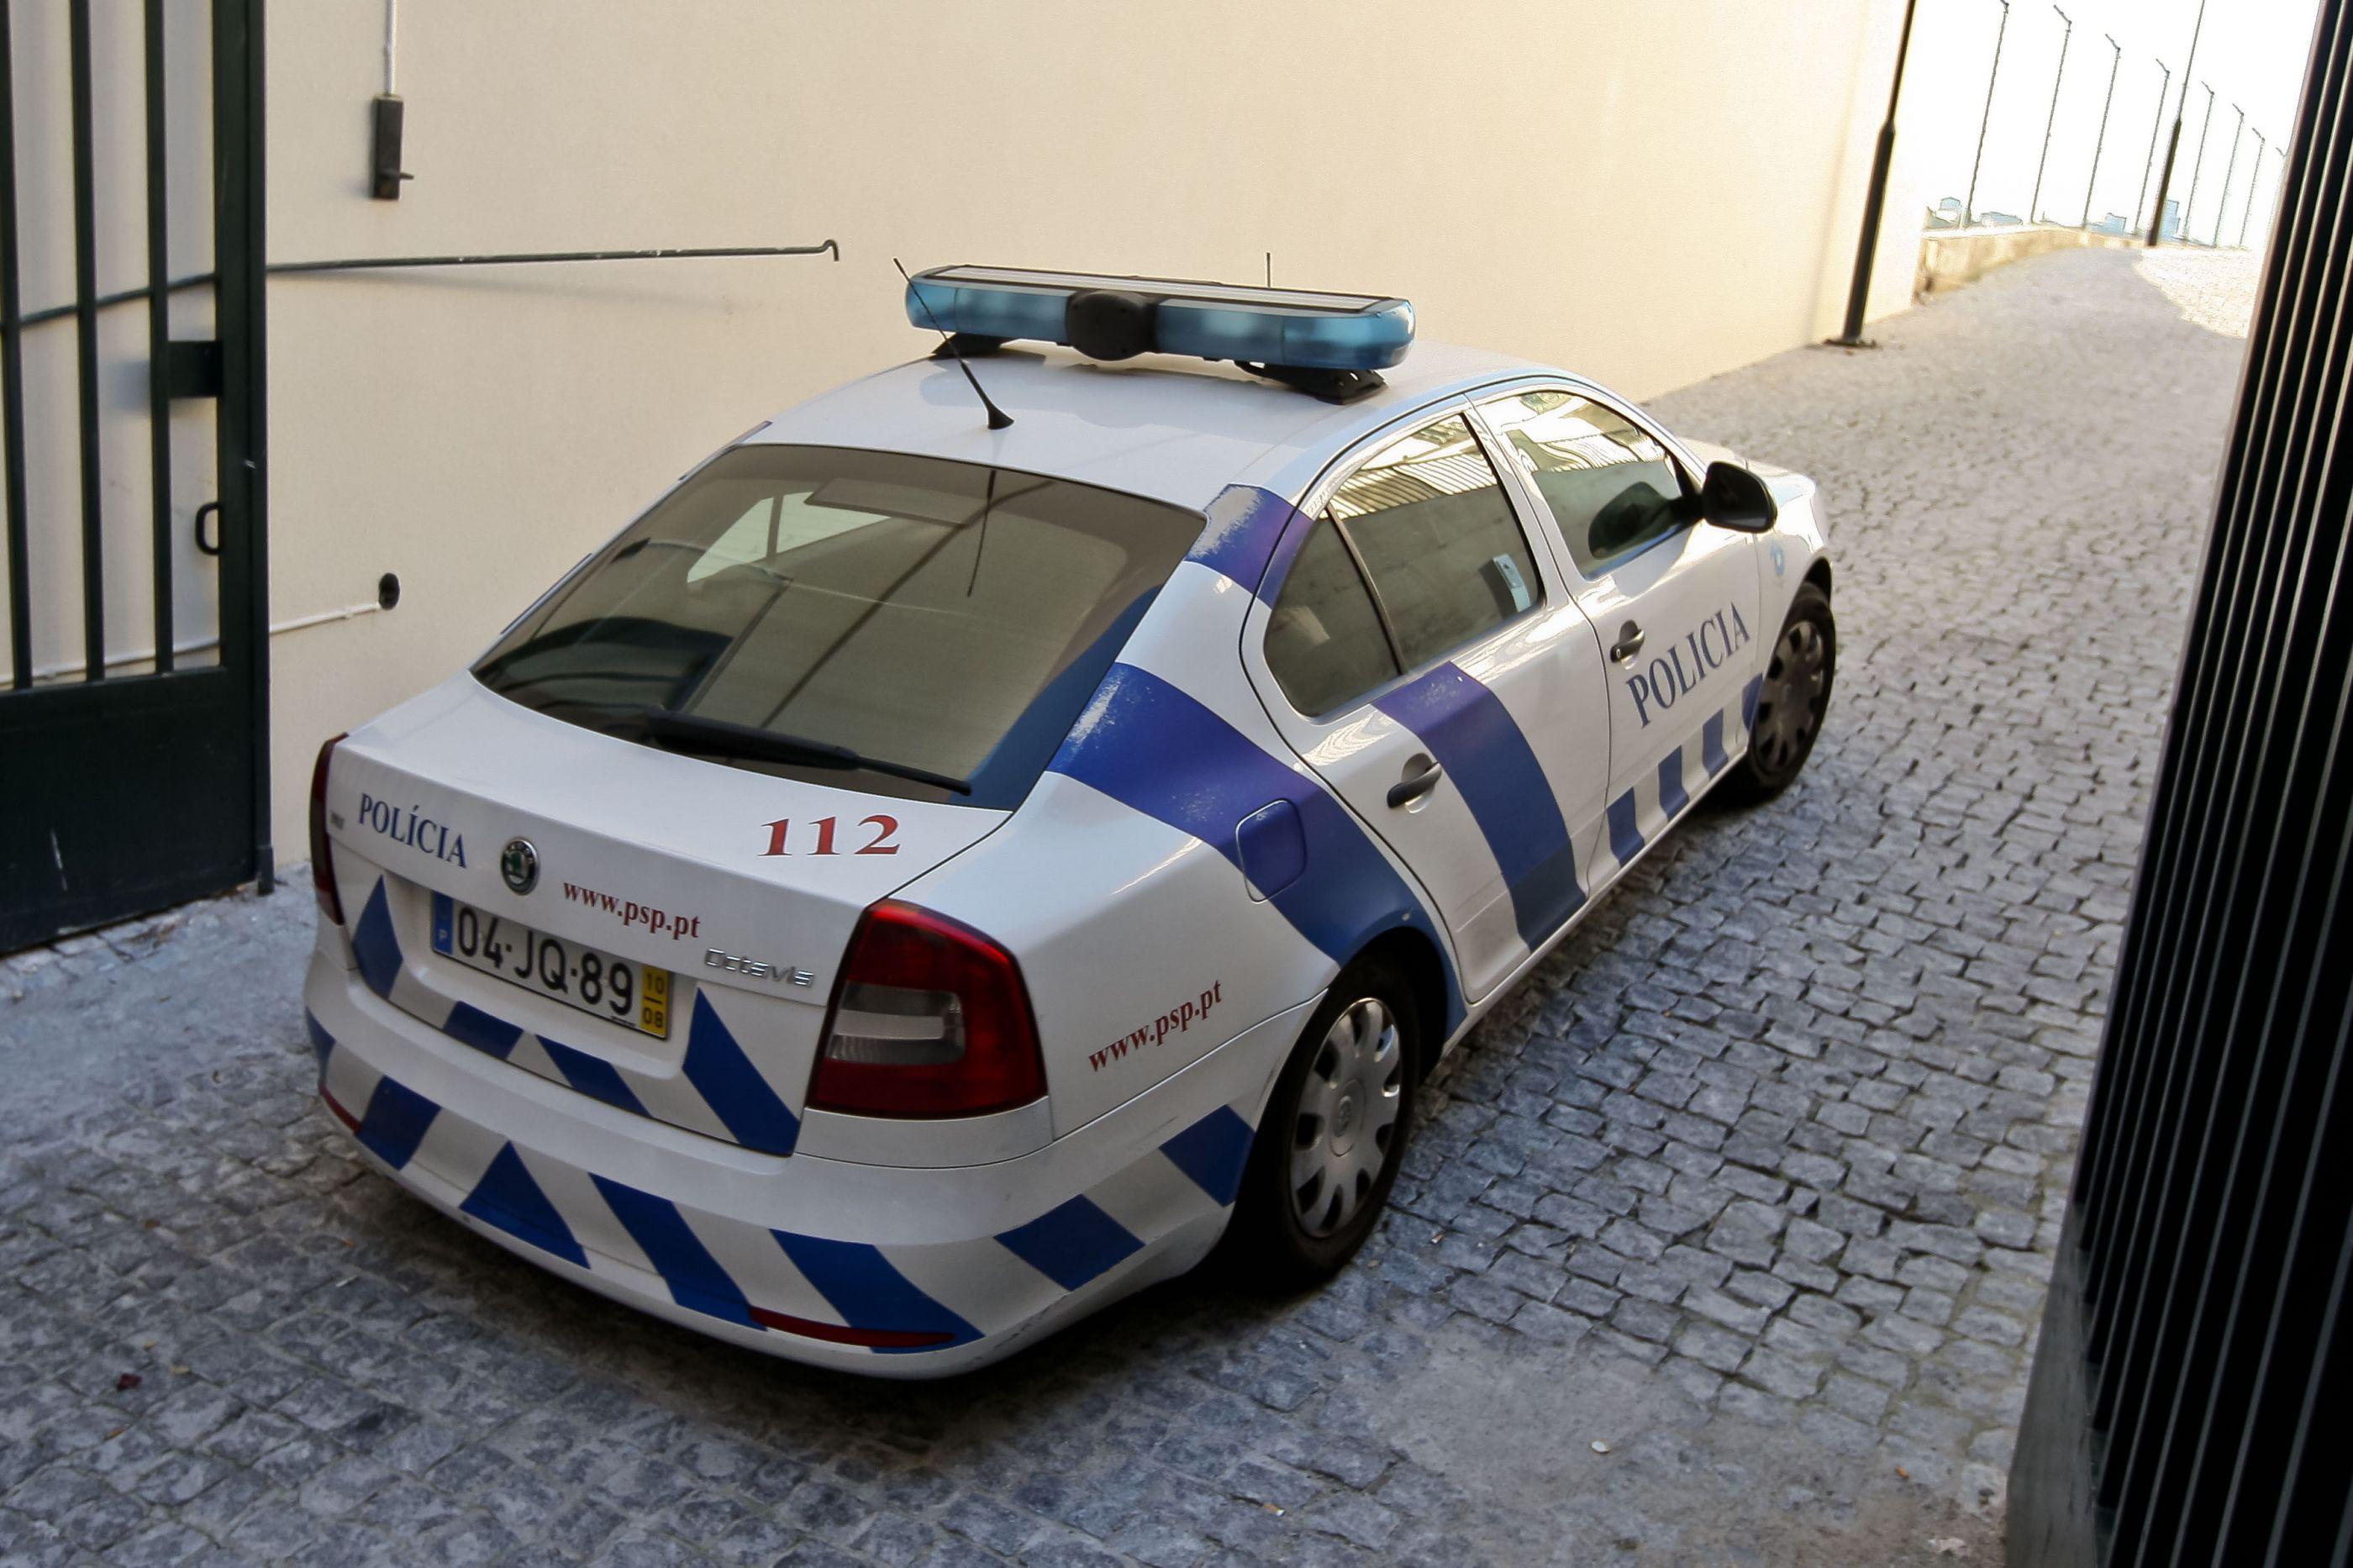 PSP de Lisboa deteve 28 pessoas em 24 horas